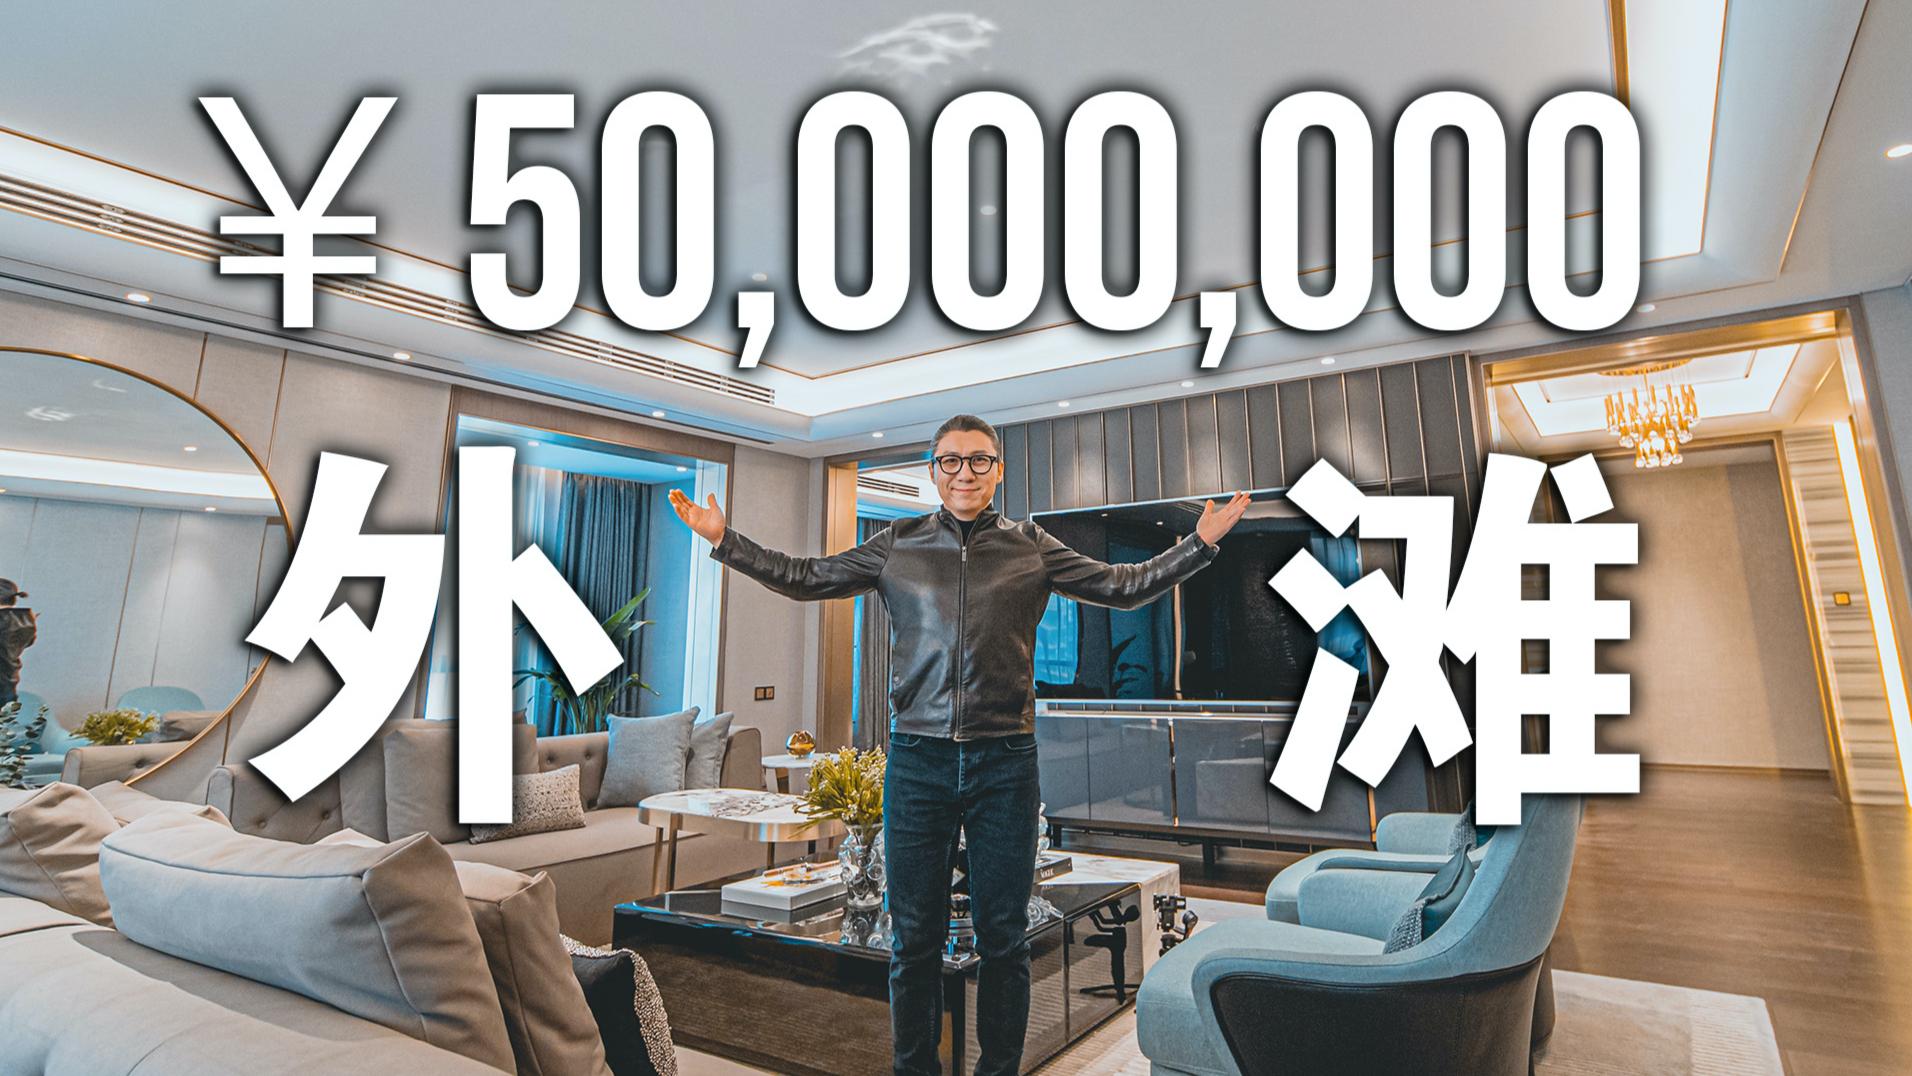 【艾叔】30岁在外滩拥有一套5000万豪宅是怎样的体验